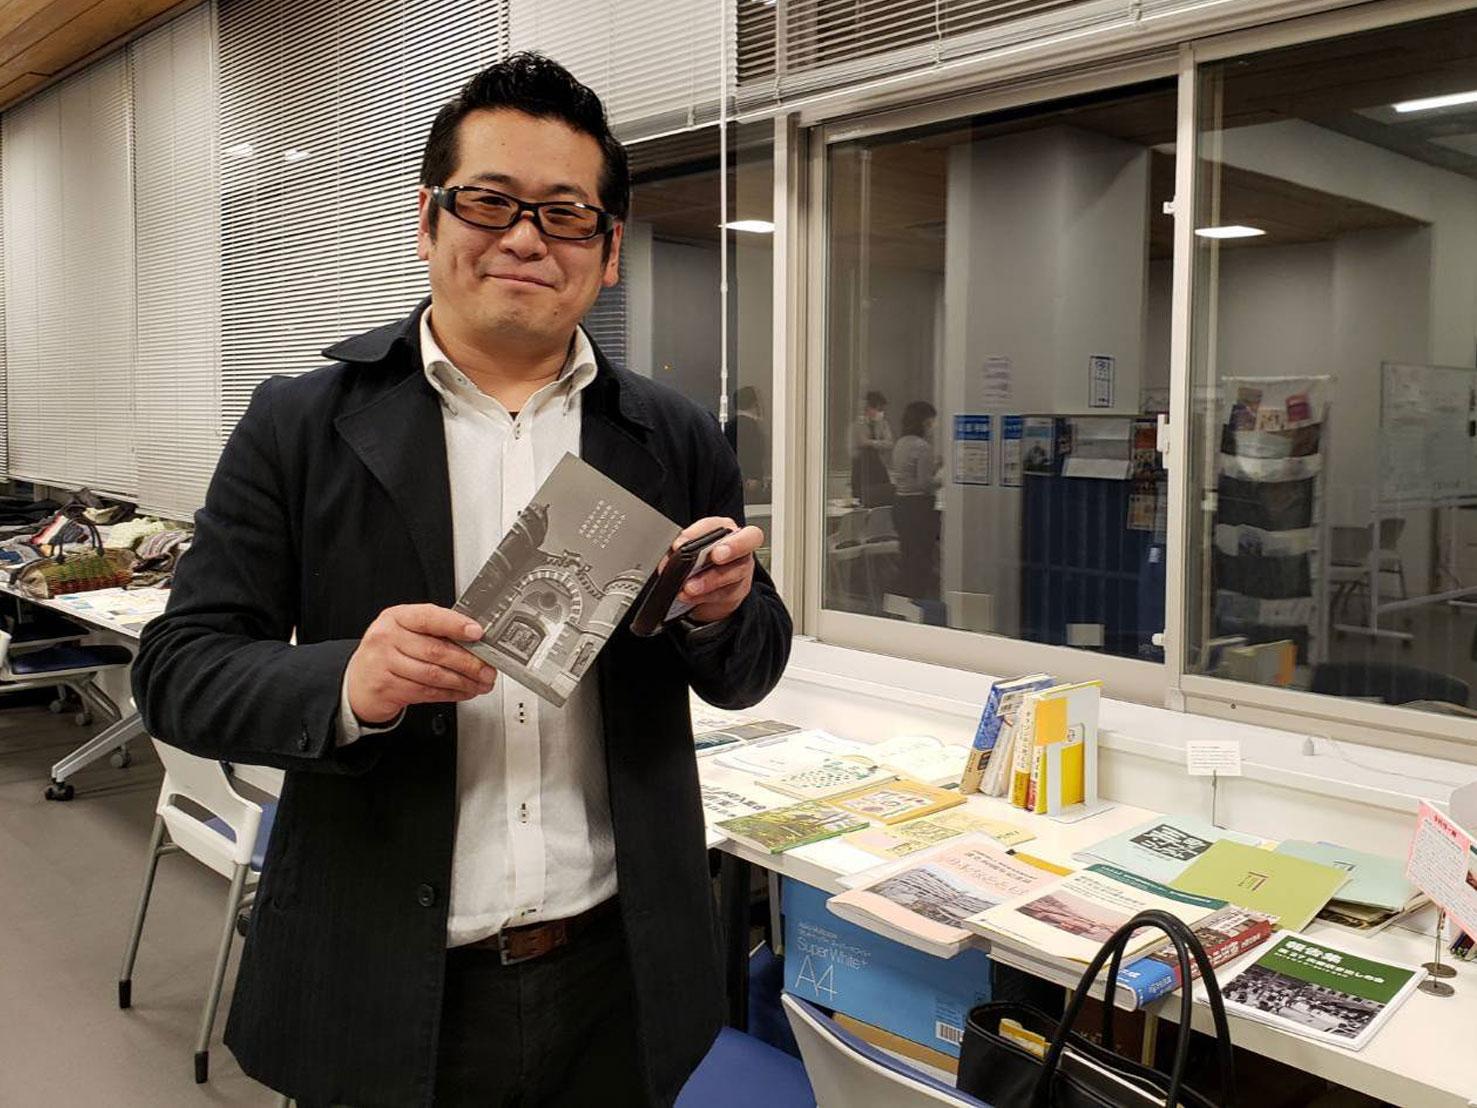 横浜市共創推進室の皆様をはじめ、民間包括、共創ラボに関わる事業所様より現場の声を伺いました